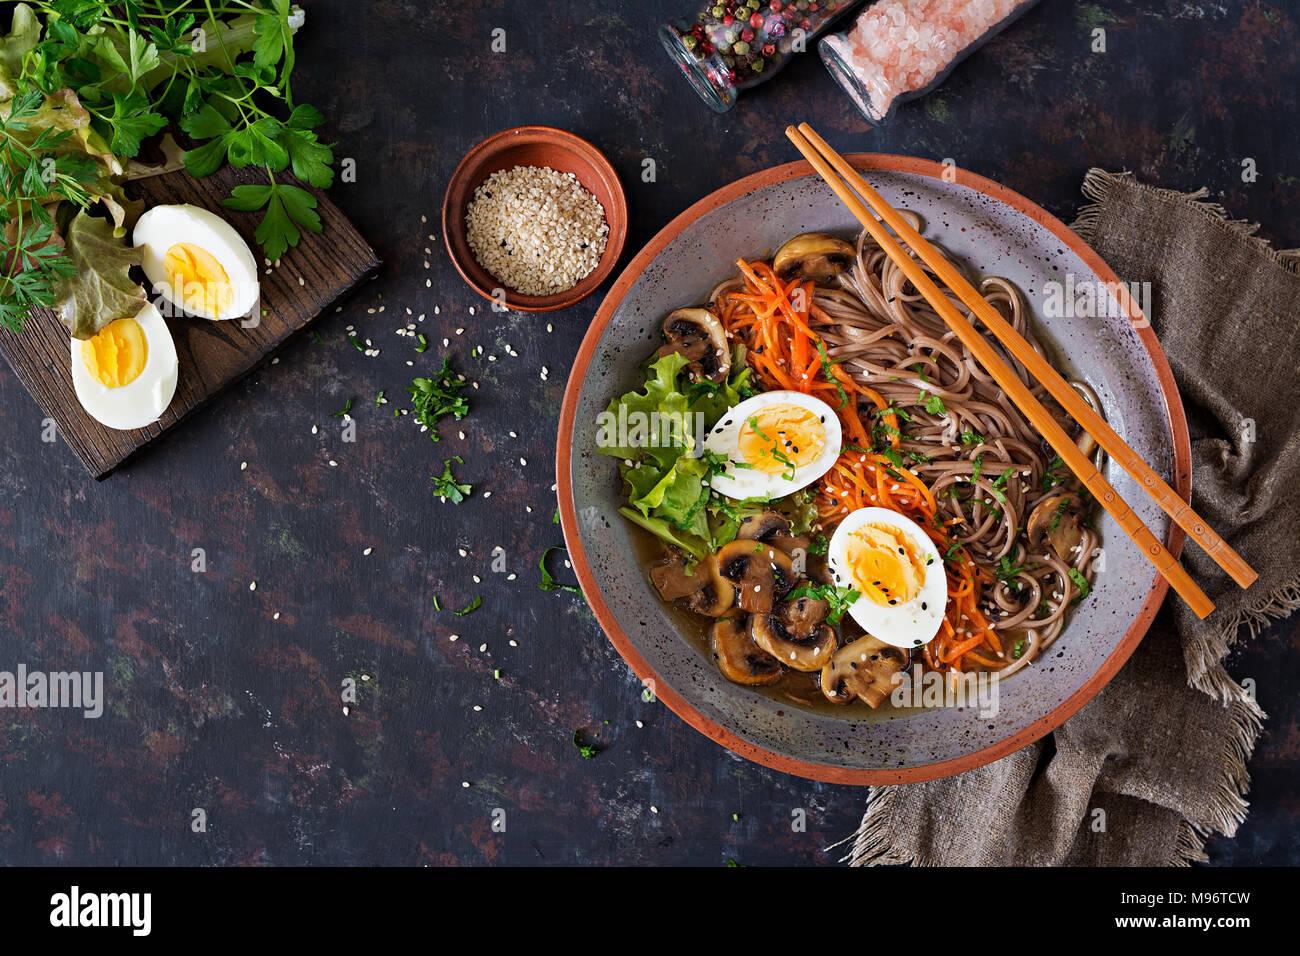 Le miso nouilles ramen japonais avec des oeufs, la carotte et les champignons. La nourriture délicieuse soupe. Mise à plat. Vue d'en haut Photo Stock